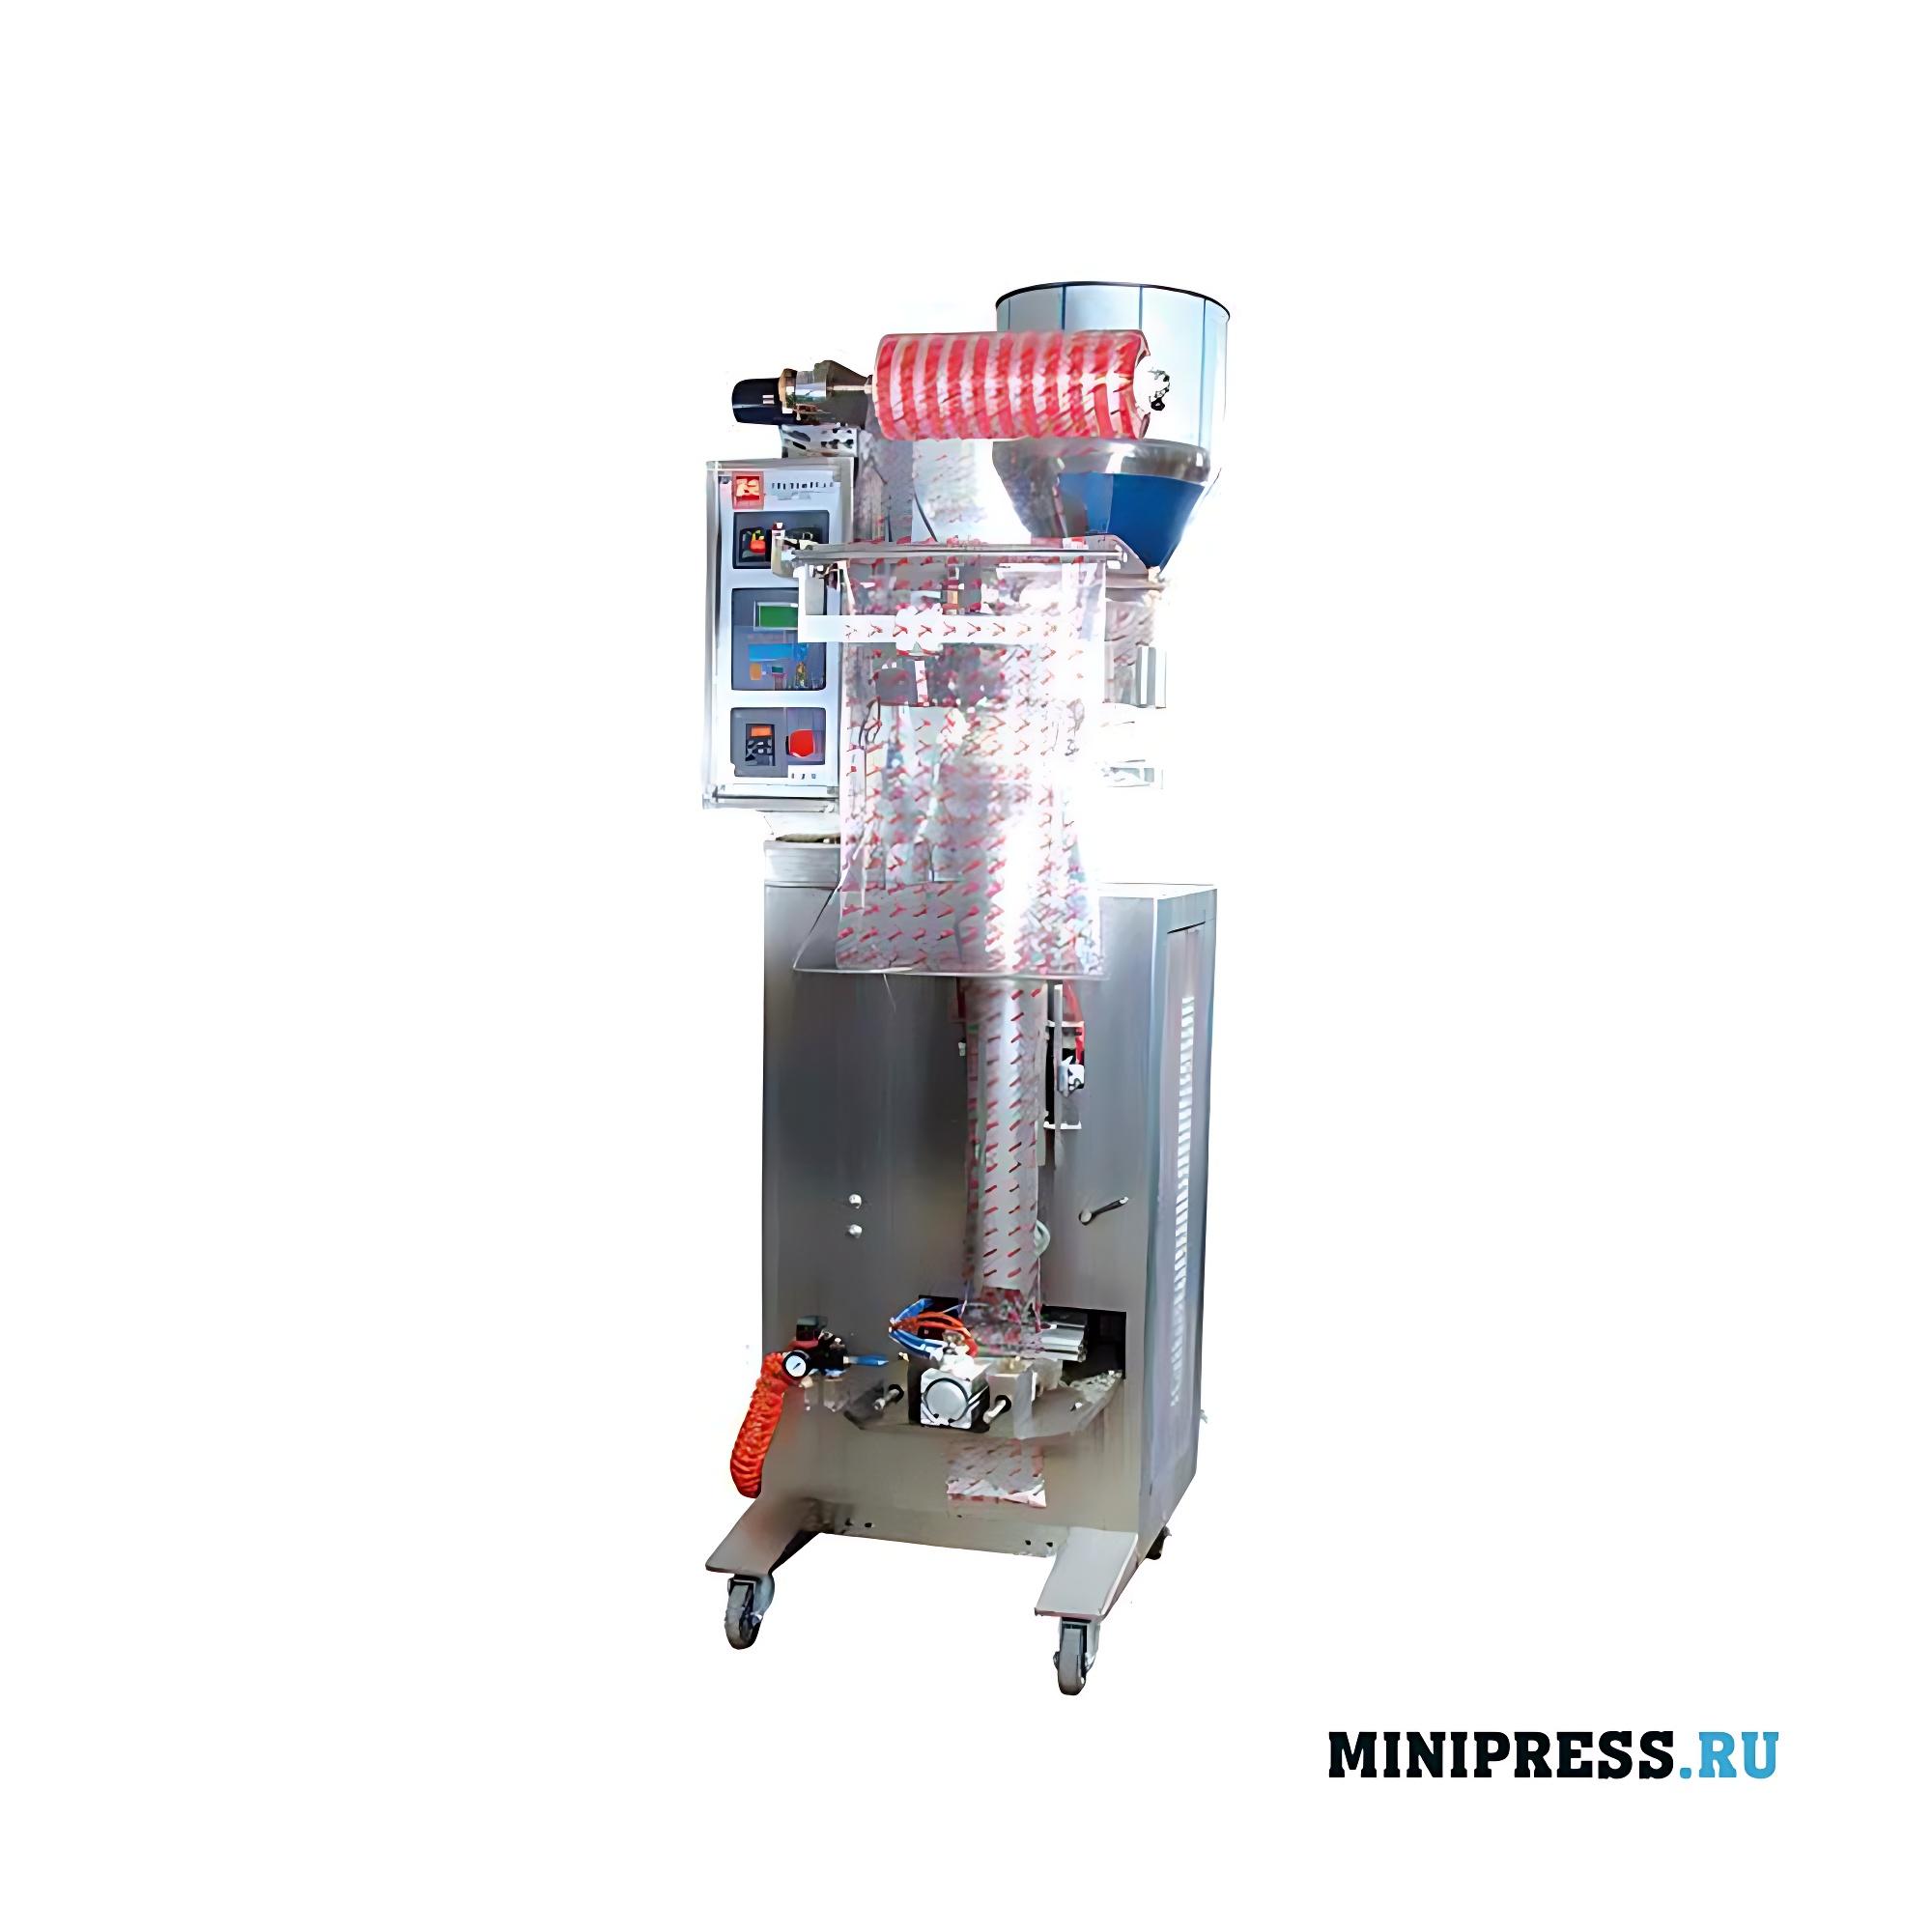 Оборудование для упаковки и герметизации в большой пакет